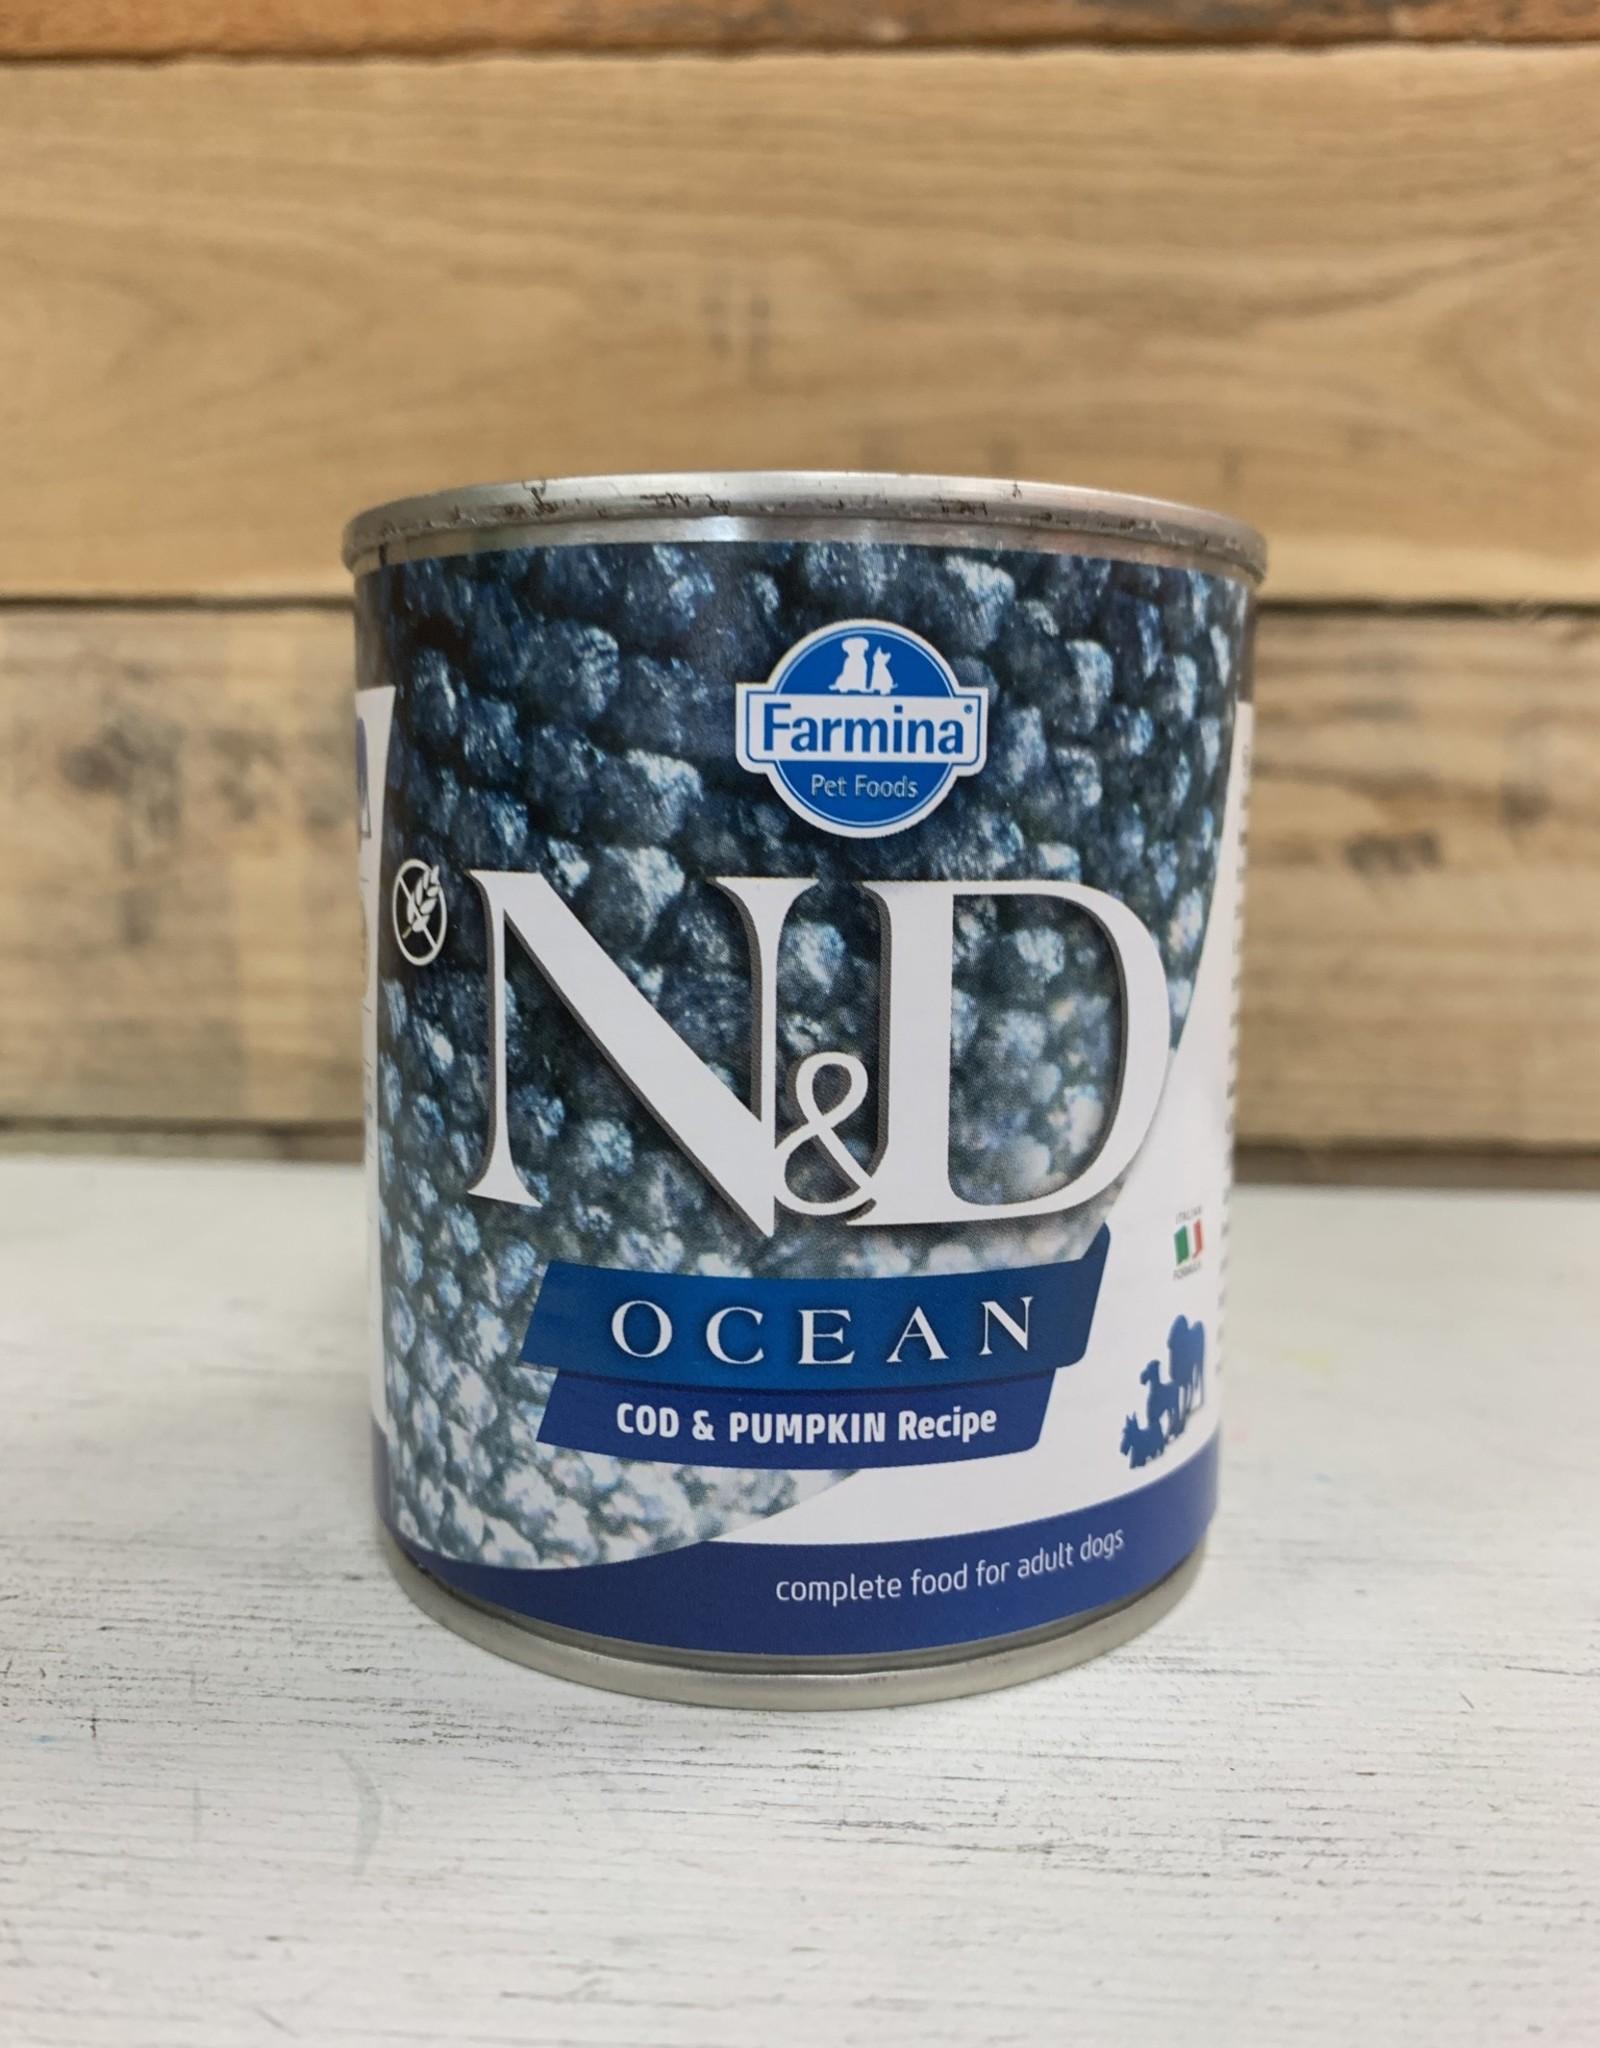 Farmina farmina N&D ocean dog pumpkin cod 10.5 oz can